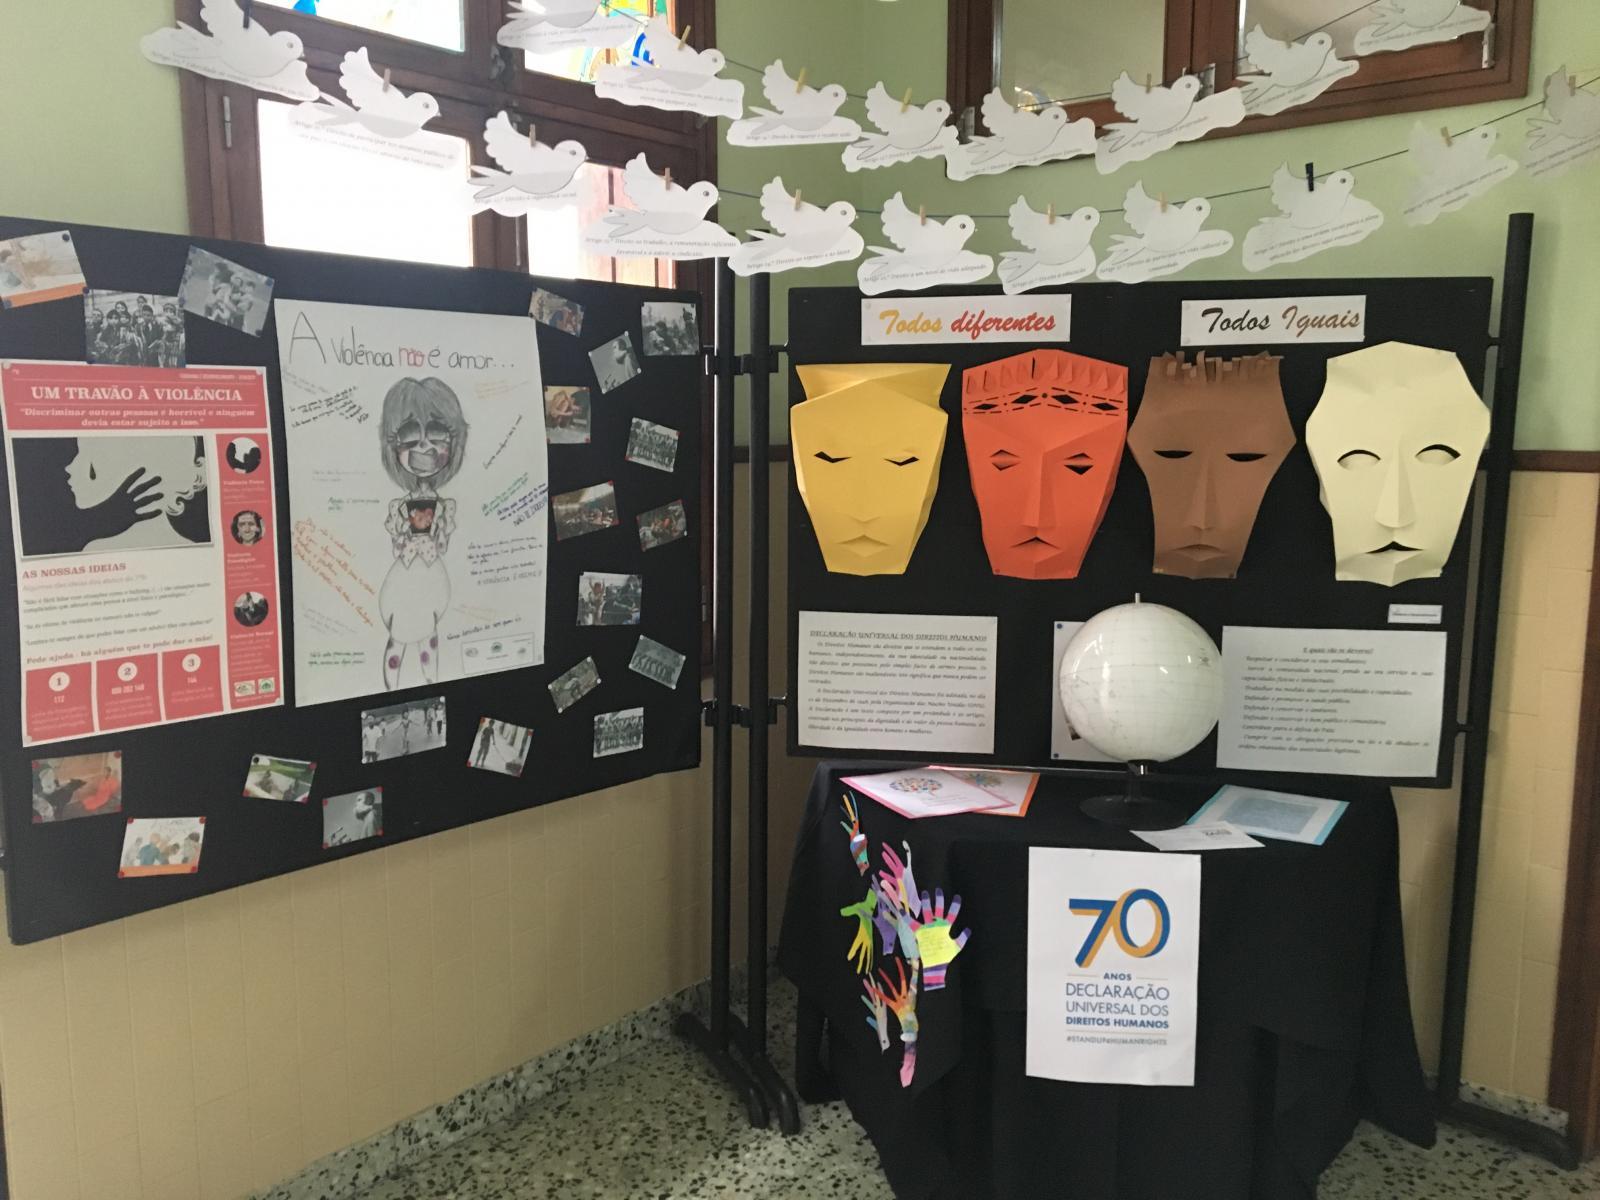 Comemoração de efemérides: 10 de dezembro: Declaração dos Direitos Humanos